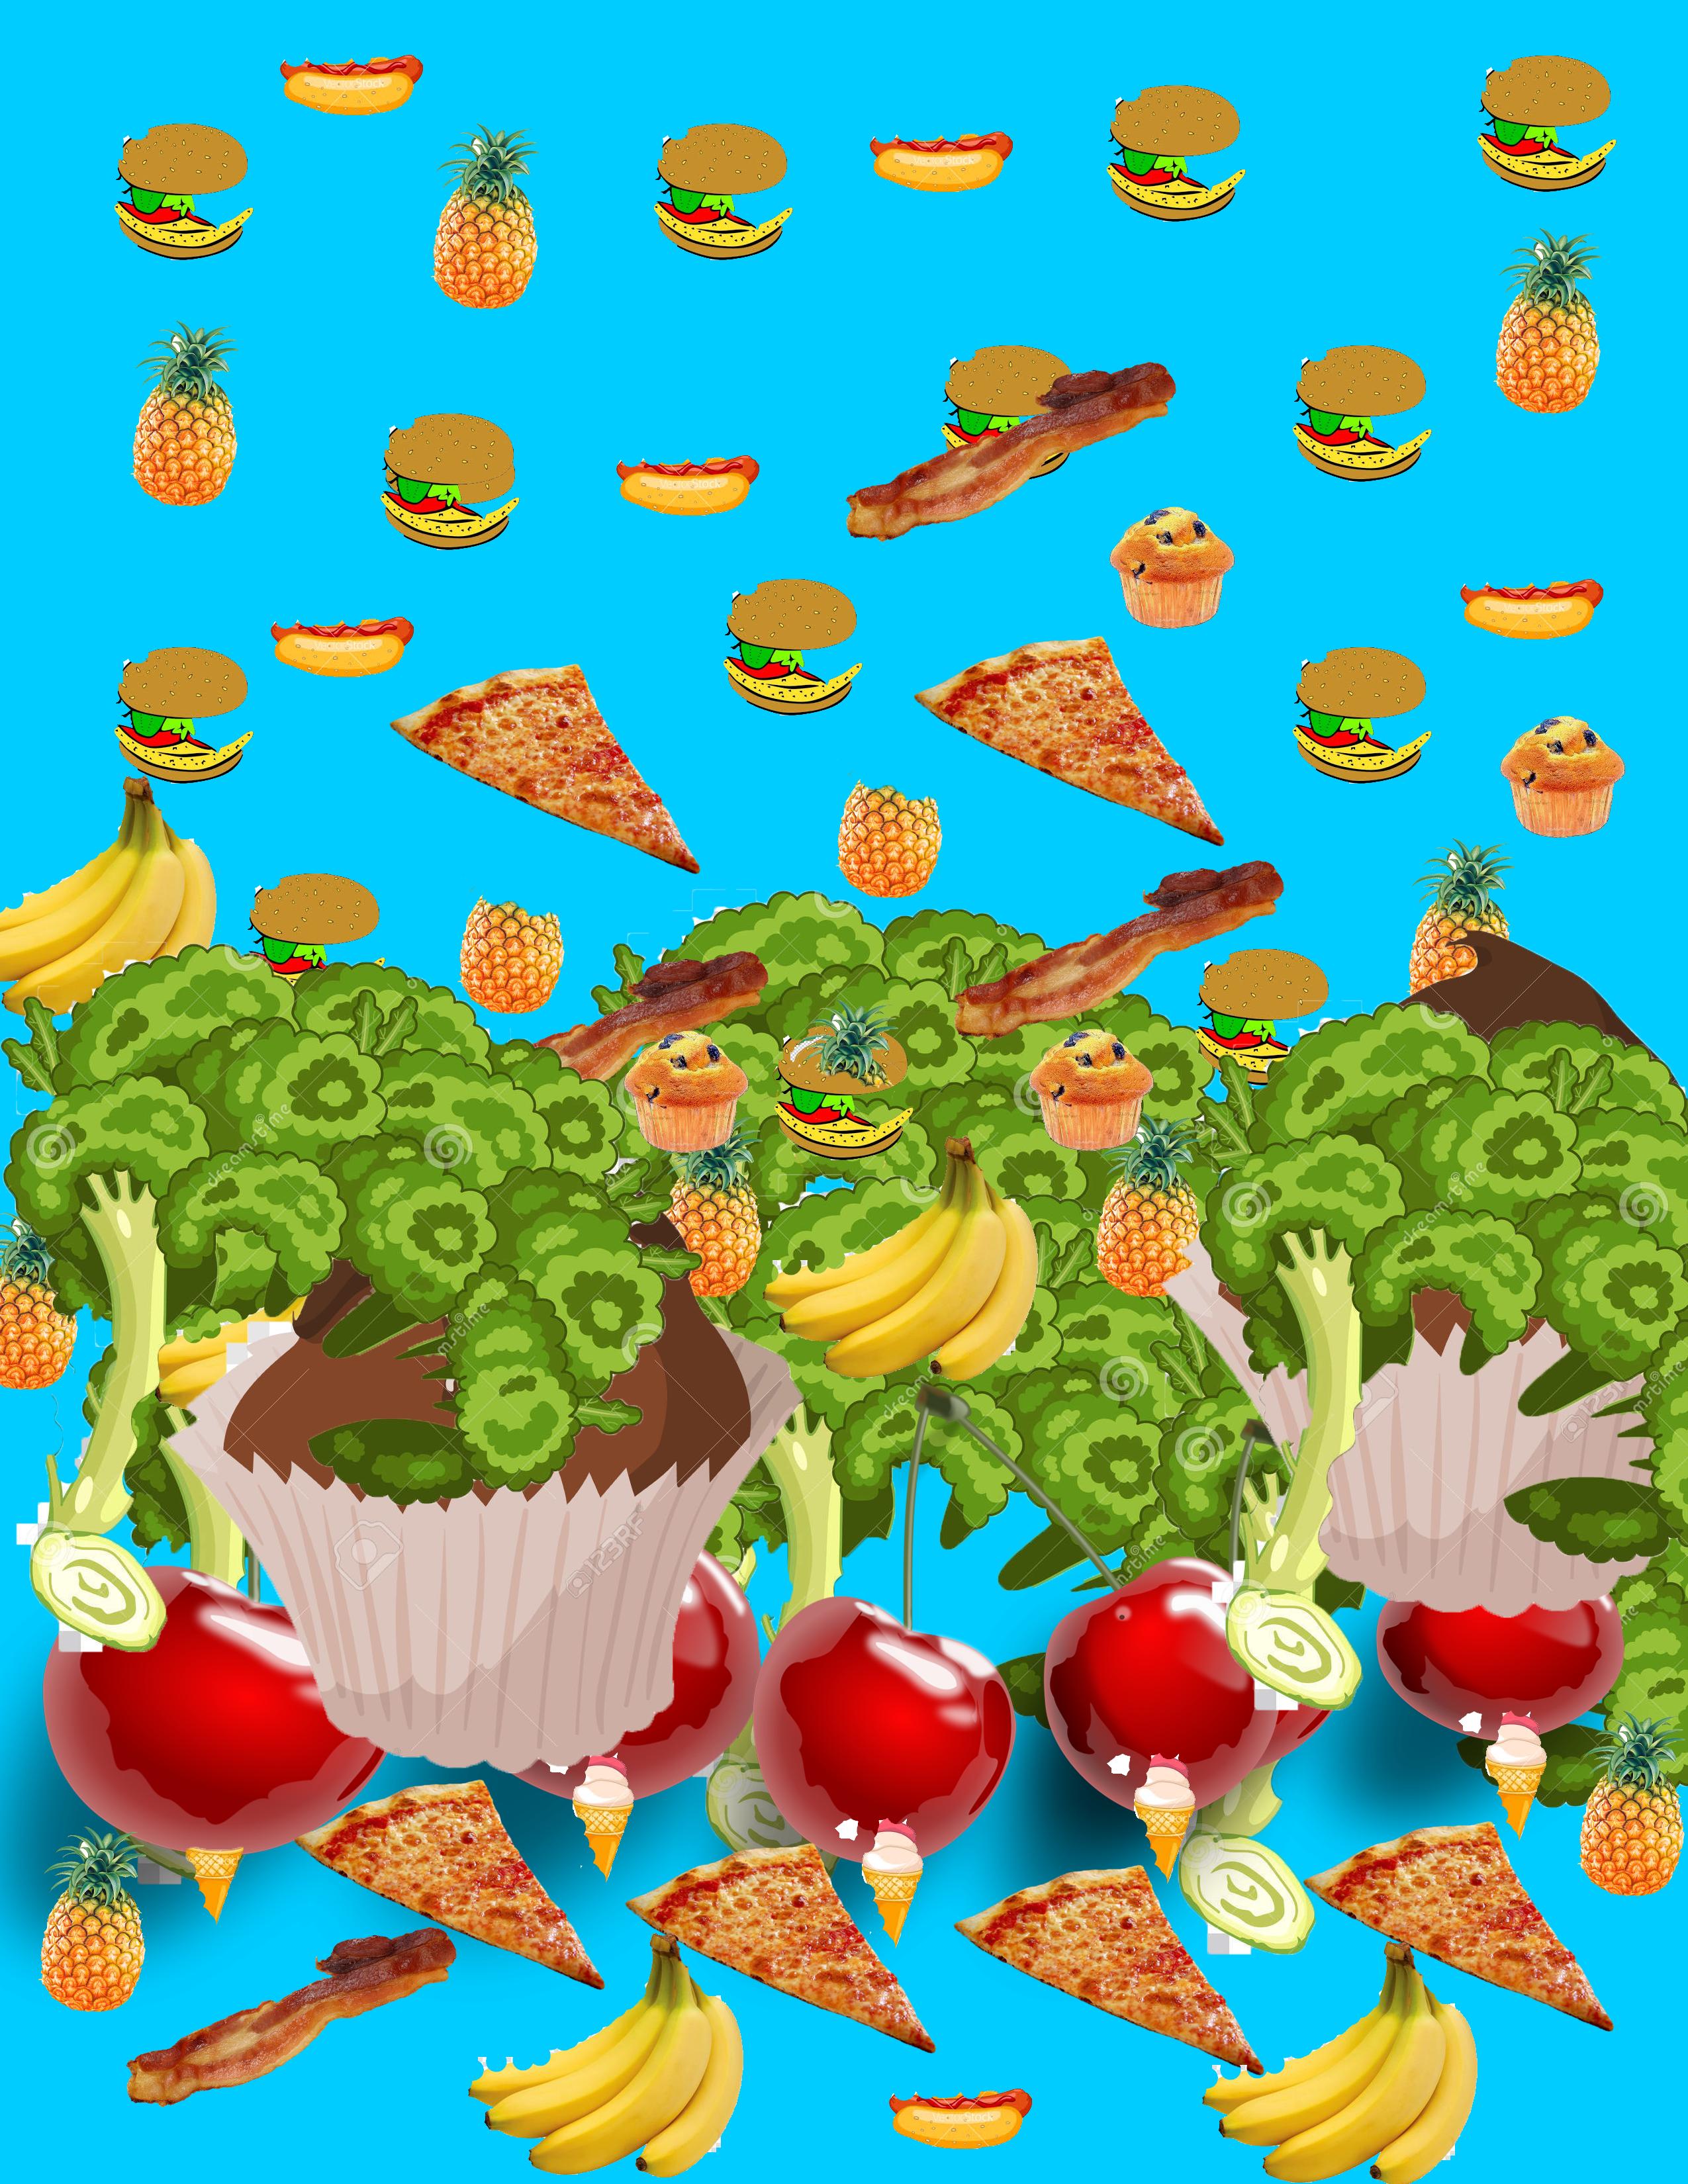 micah_food_collage